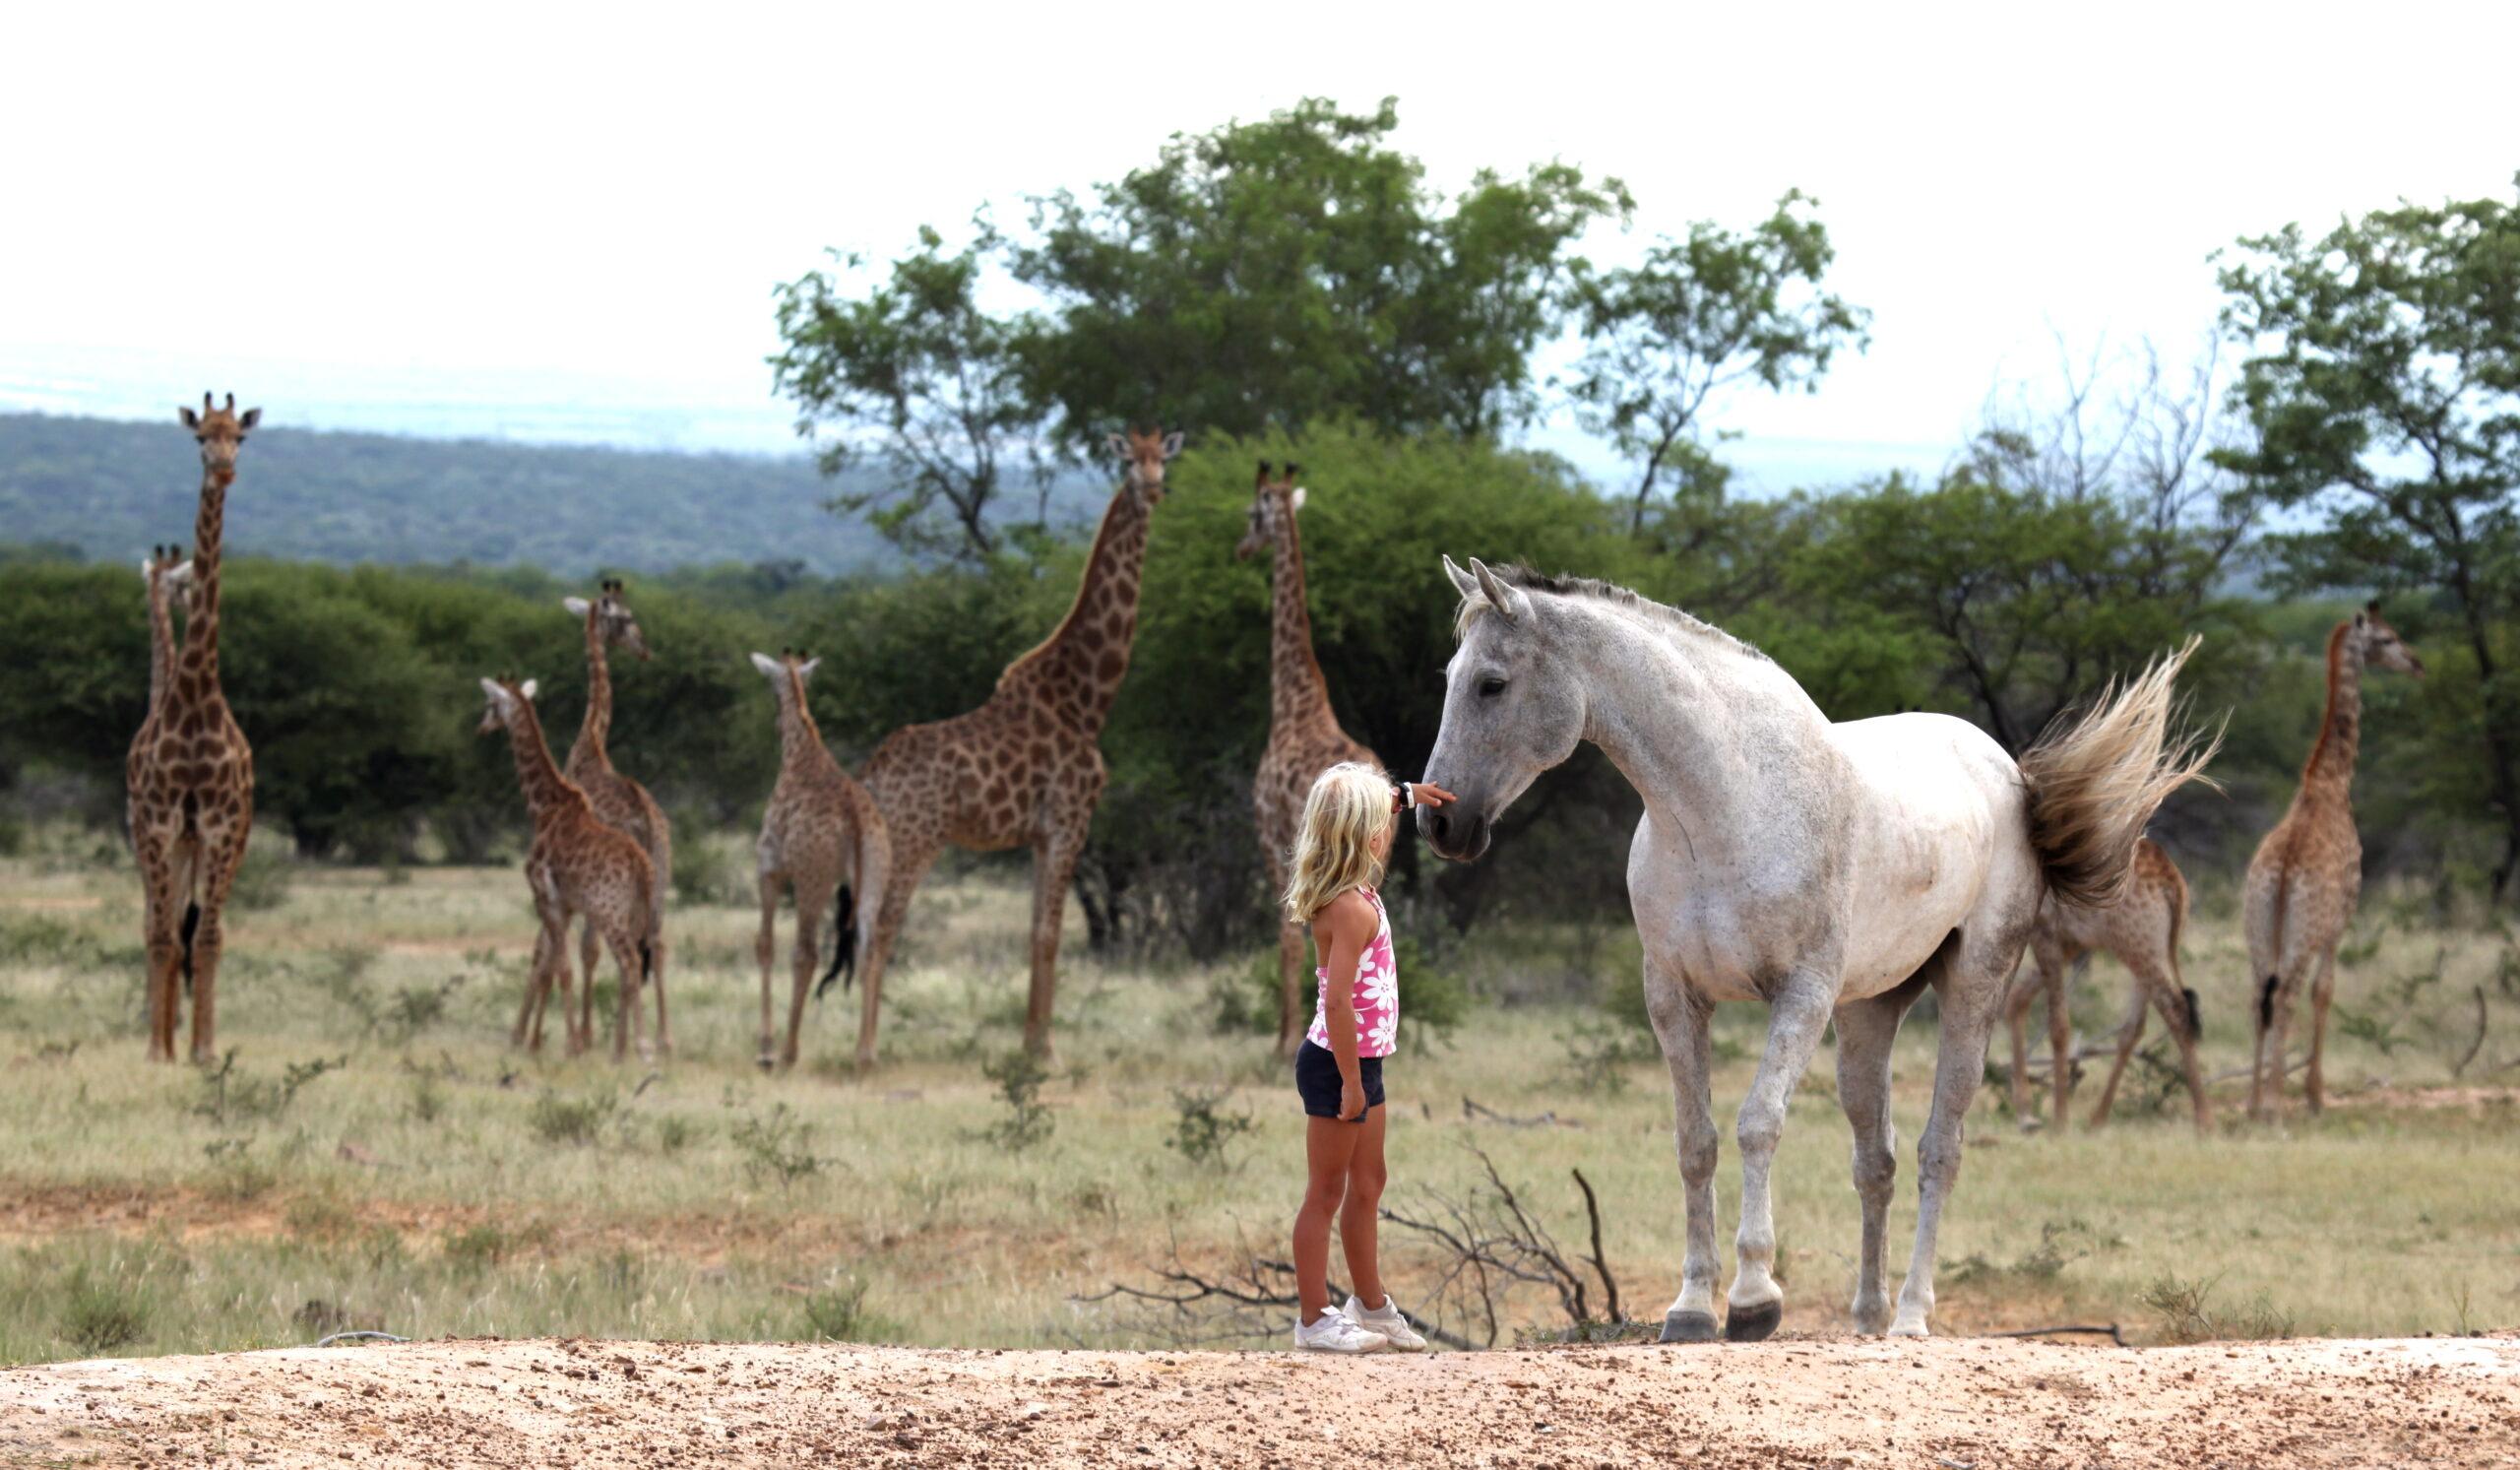 Safari te paard in Ants Lodges / Zuid Afrika - Vakantie te paard / Reisbureau Perlan